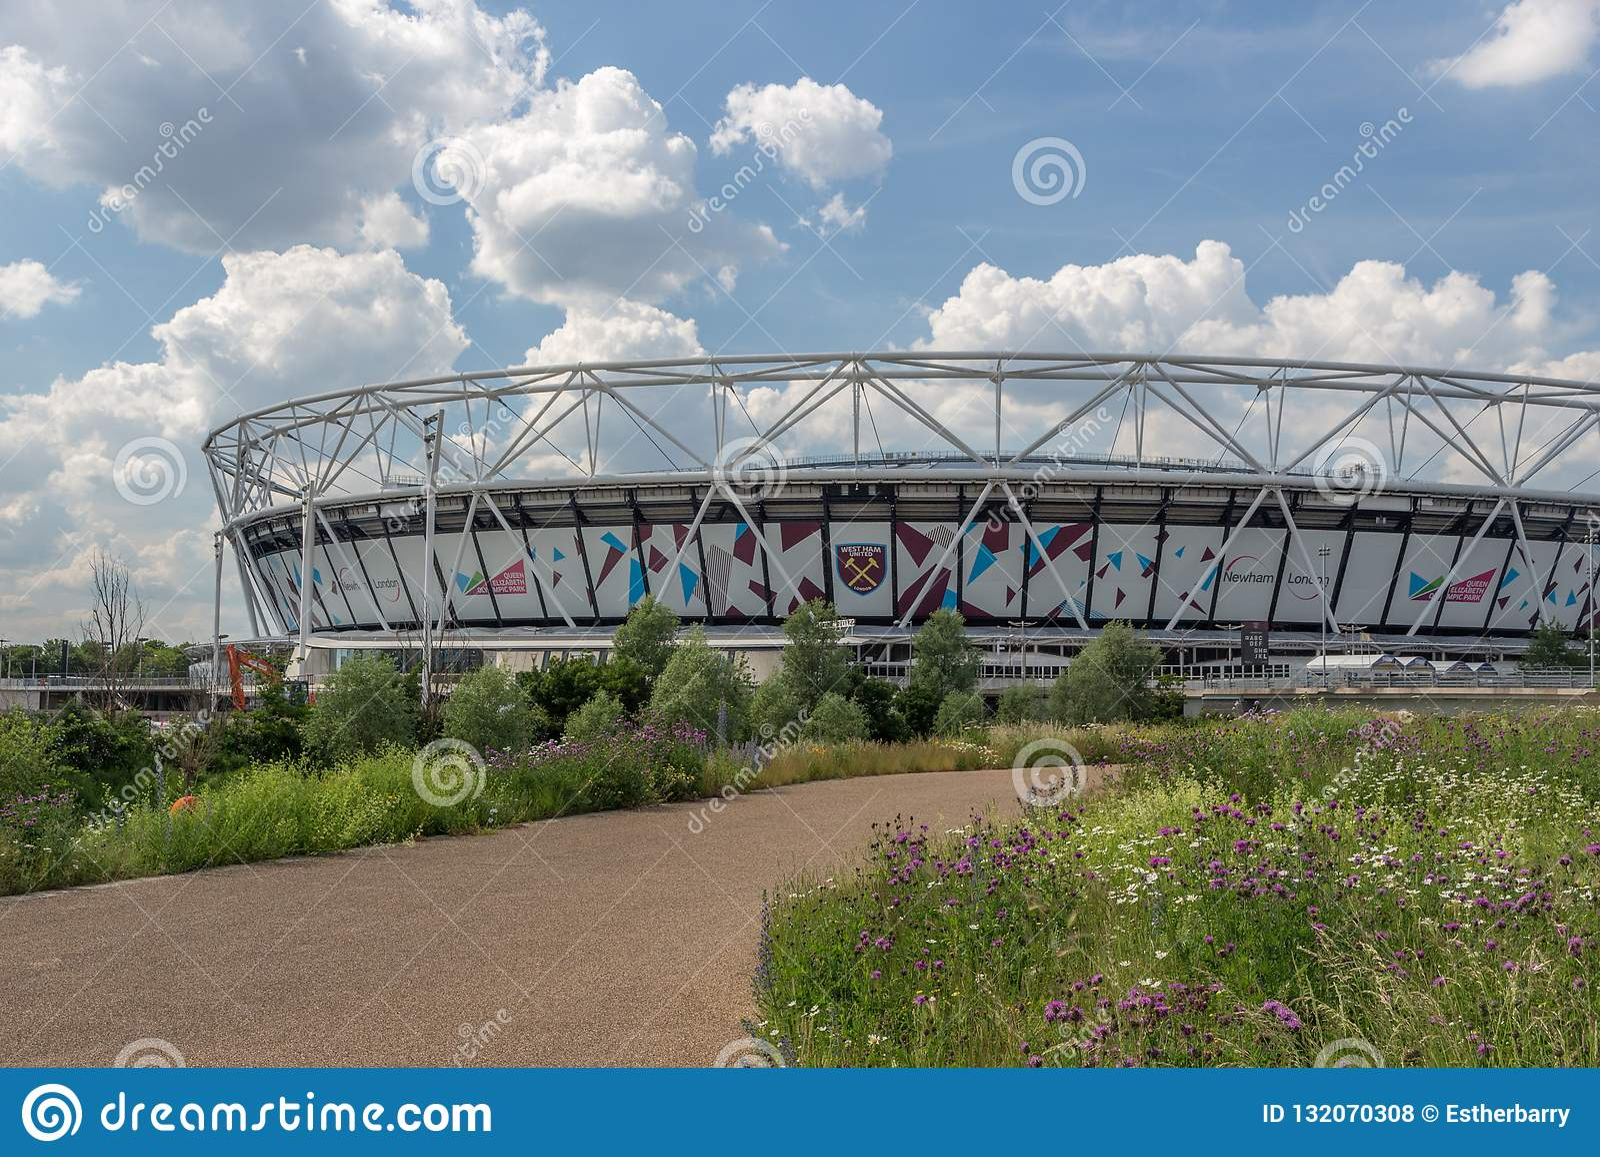 London Stadium , West Ham United`s Stadium in Queen Elizabeth Olympic Park,